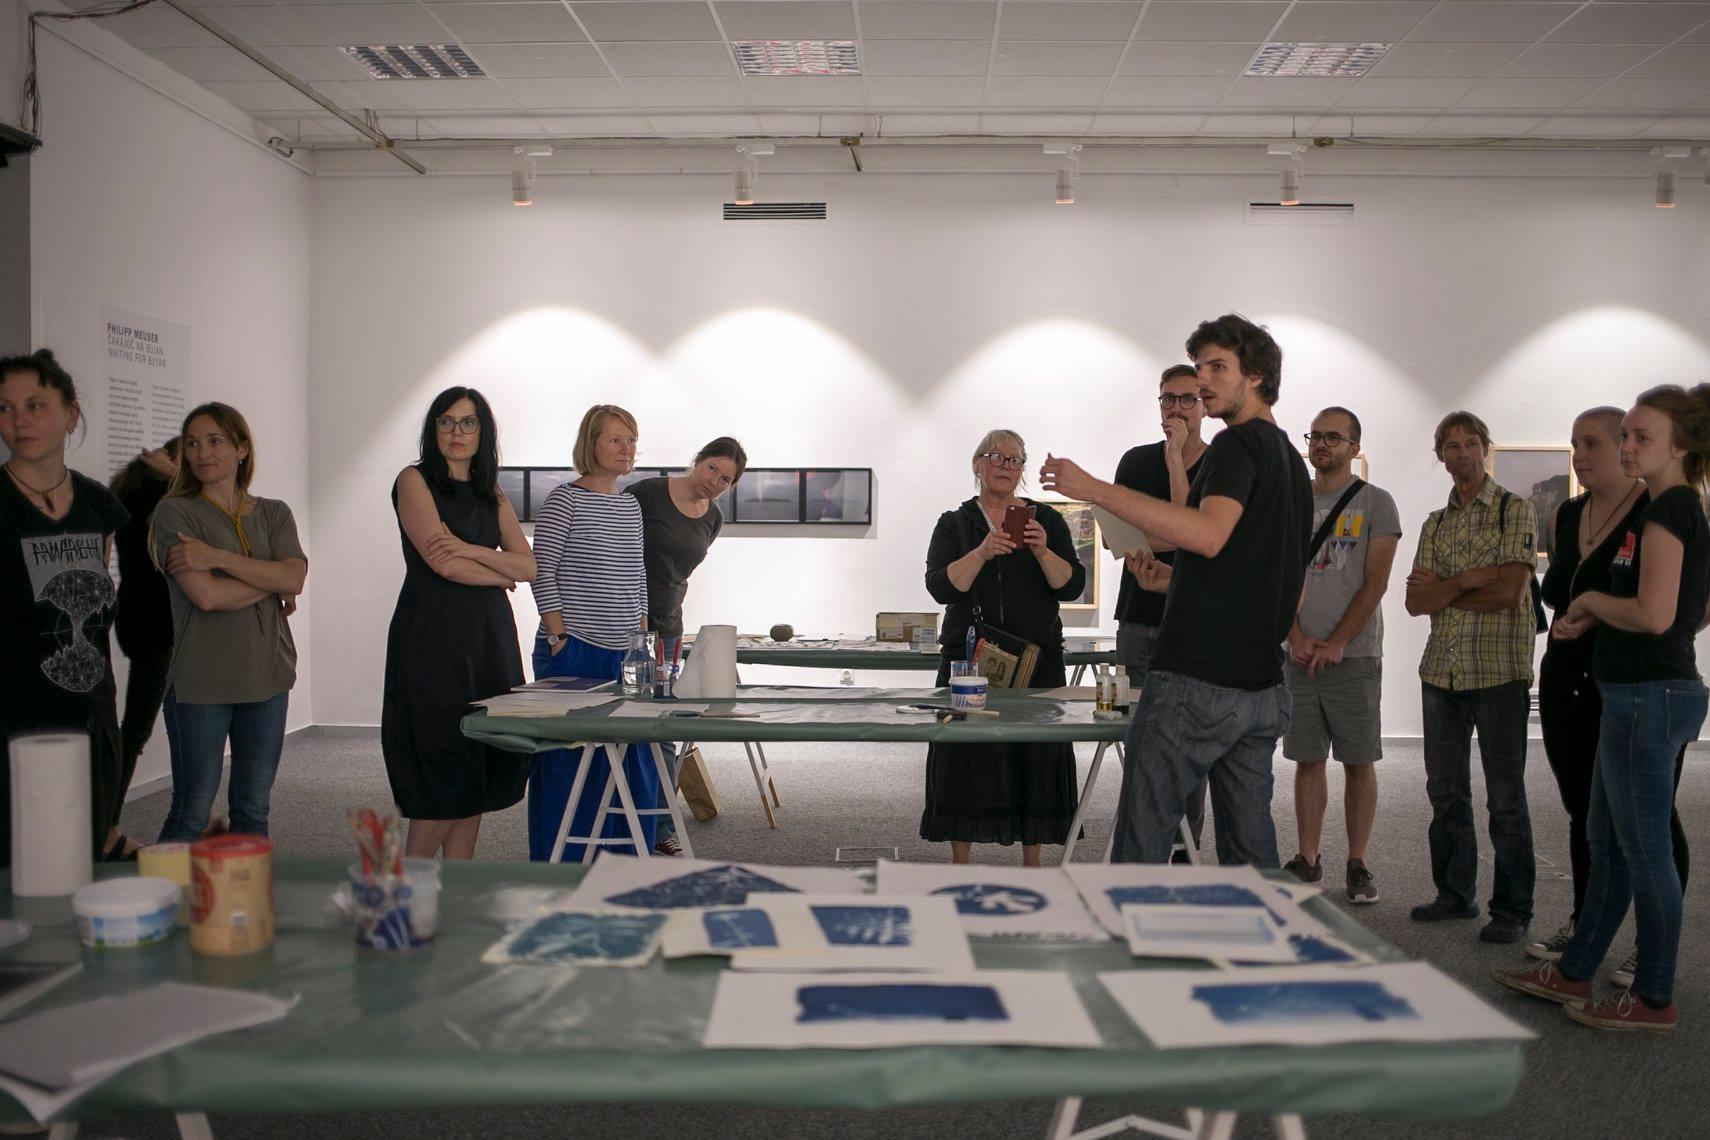 Cyanotype workshop - lamut-28.jpg